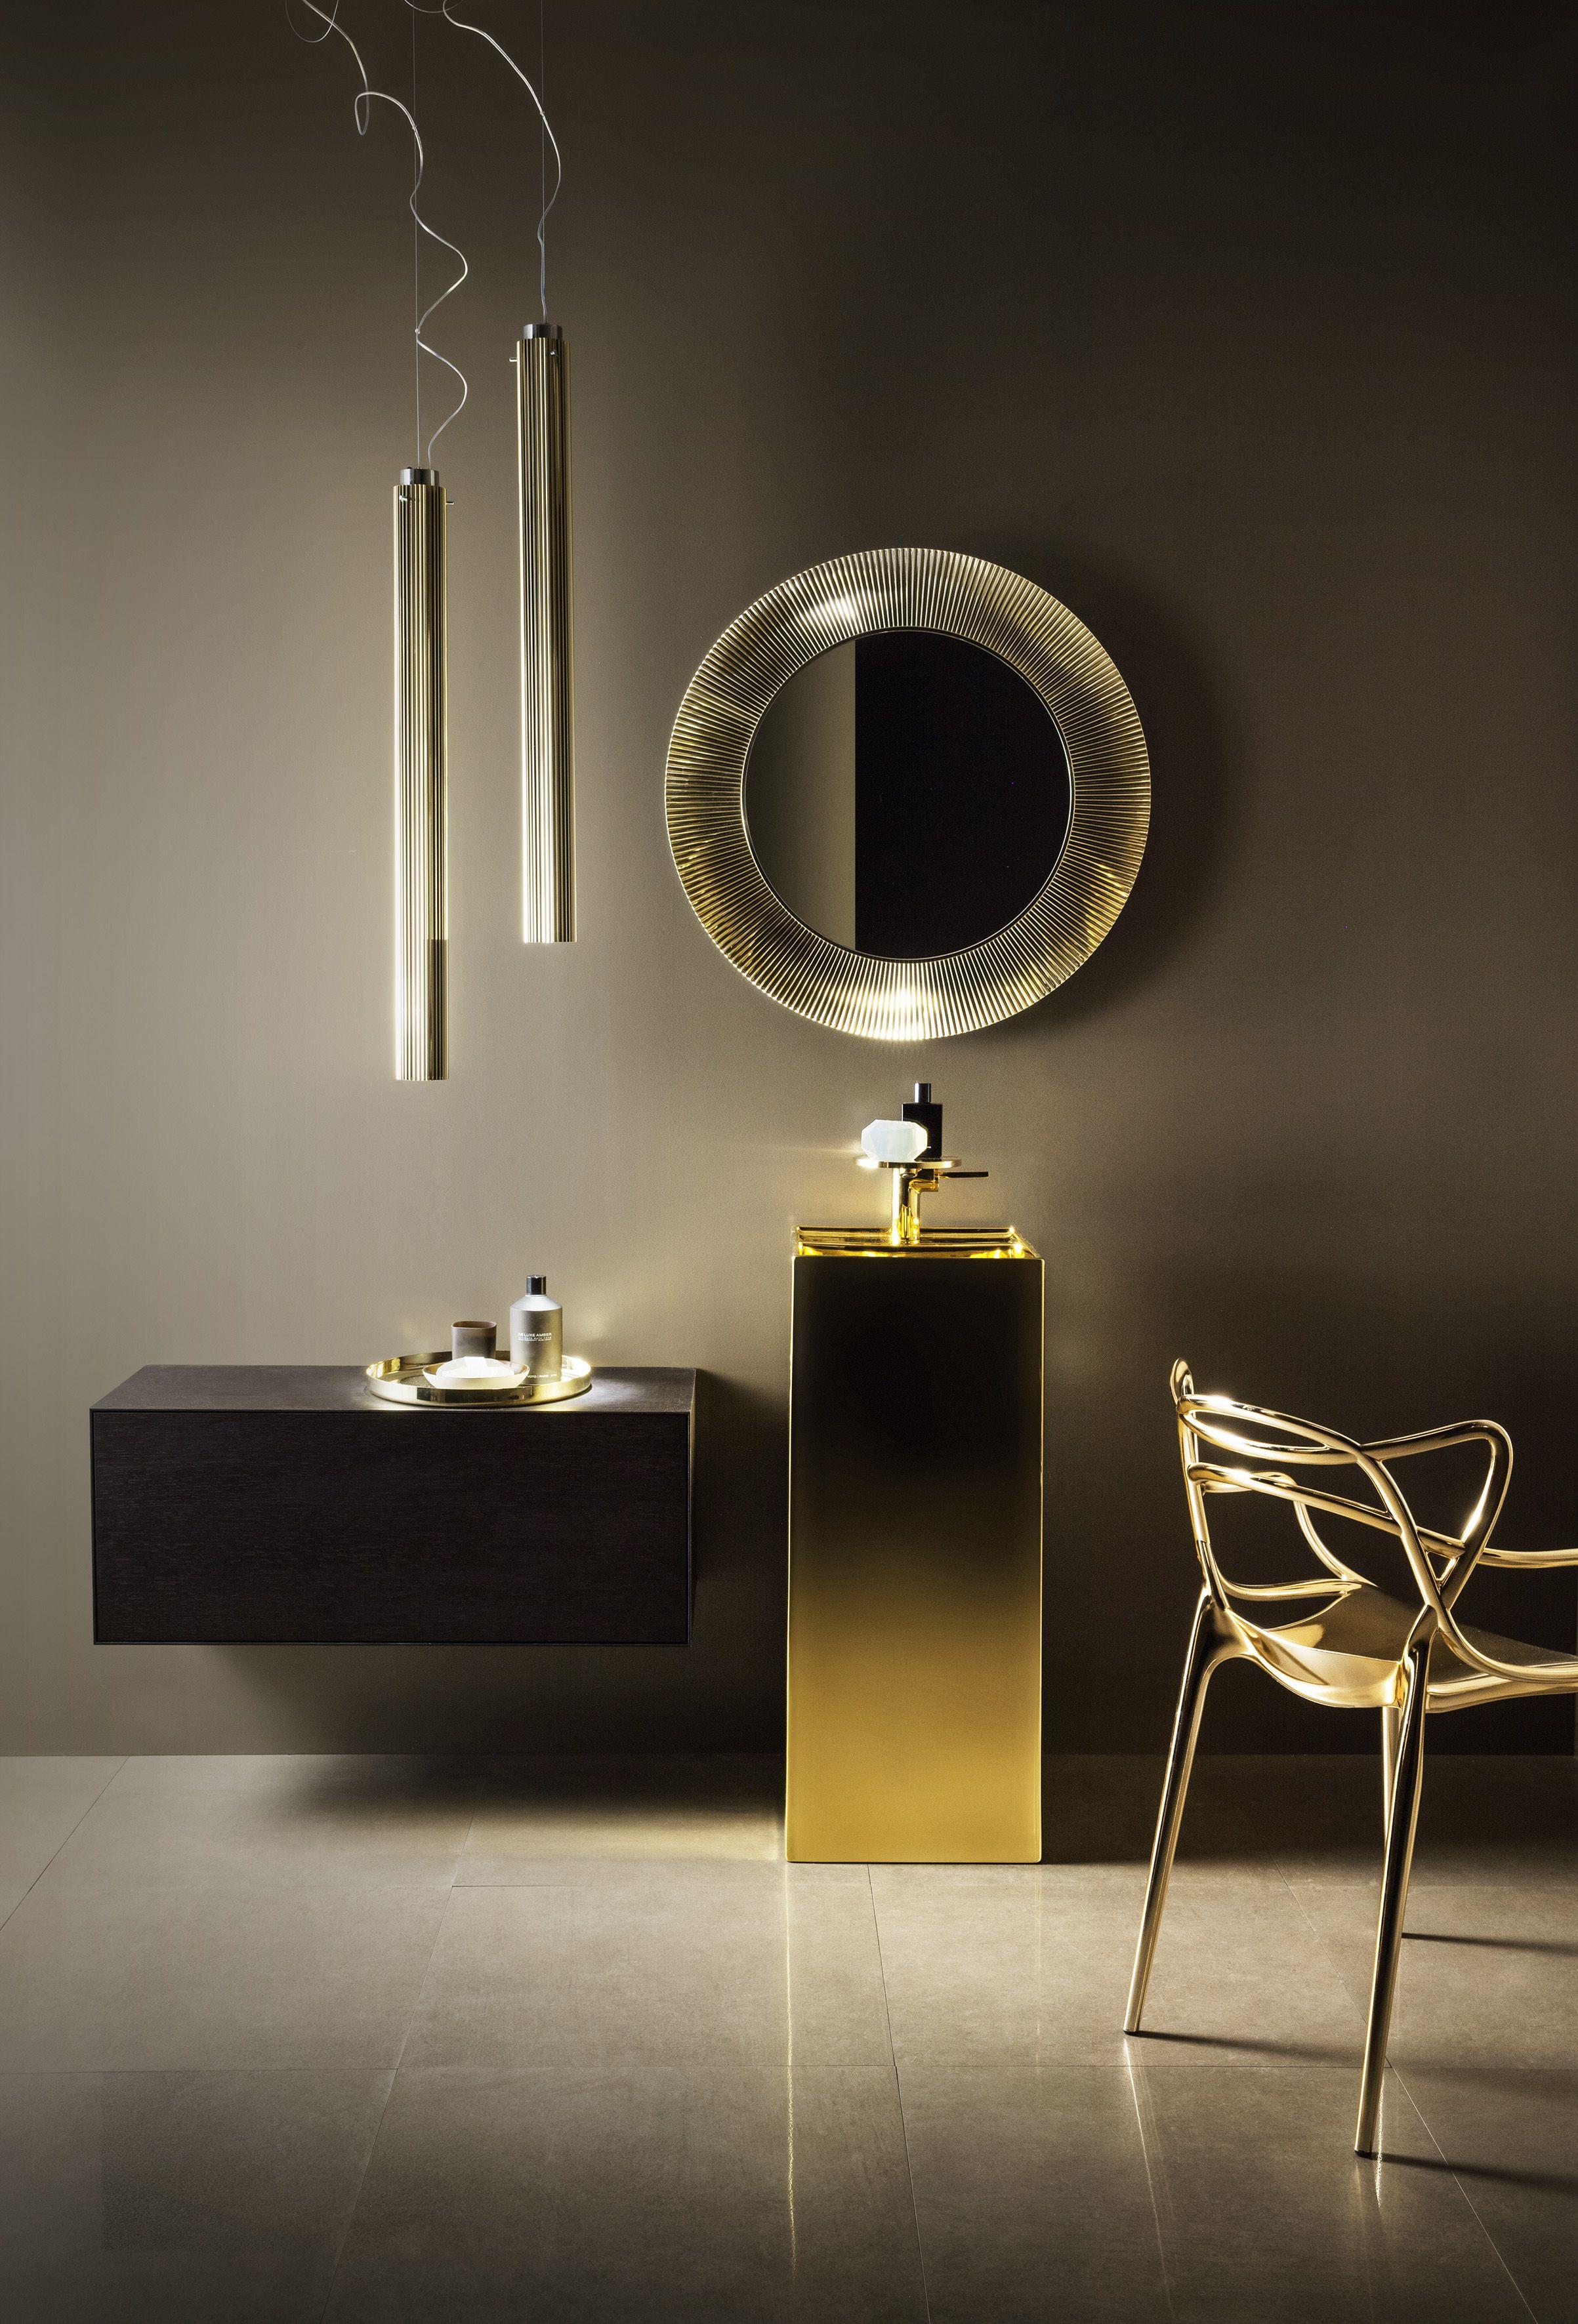 Salle De Bain Hilton ~ salle de bain kartell by laufen miroir soleil all saints lavabo